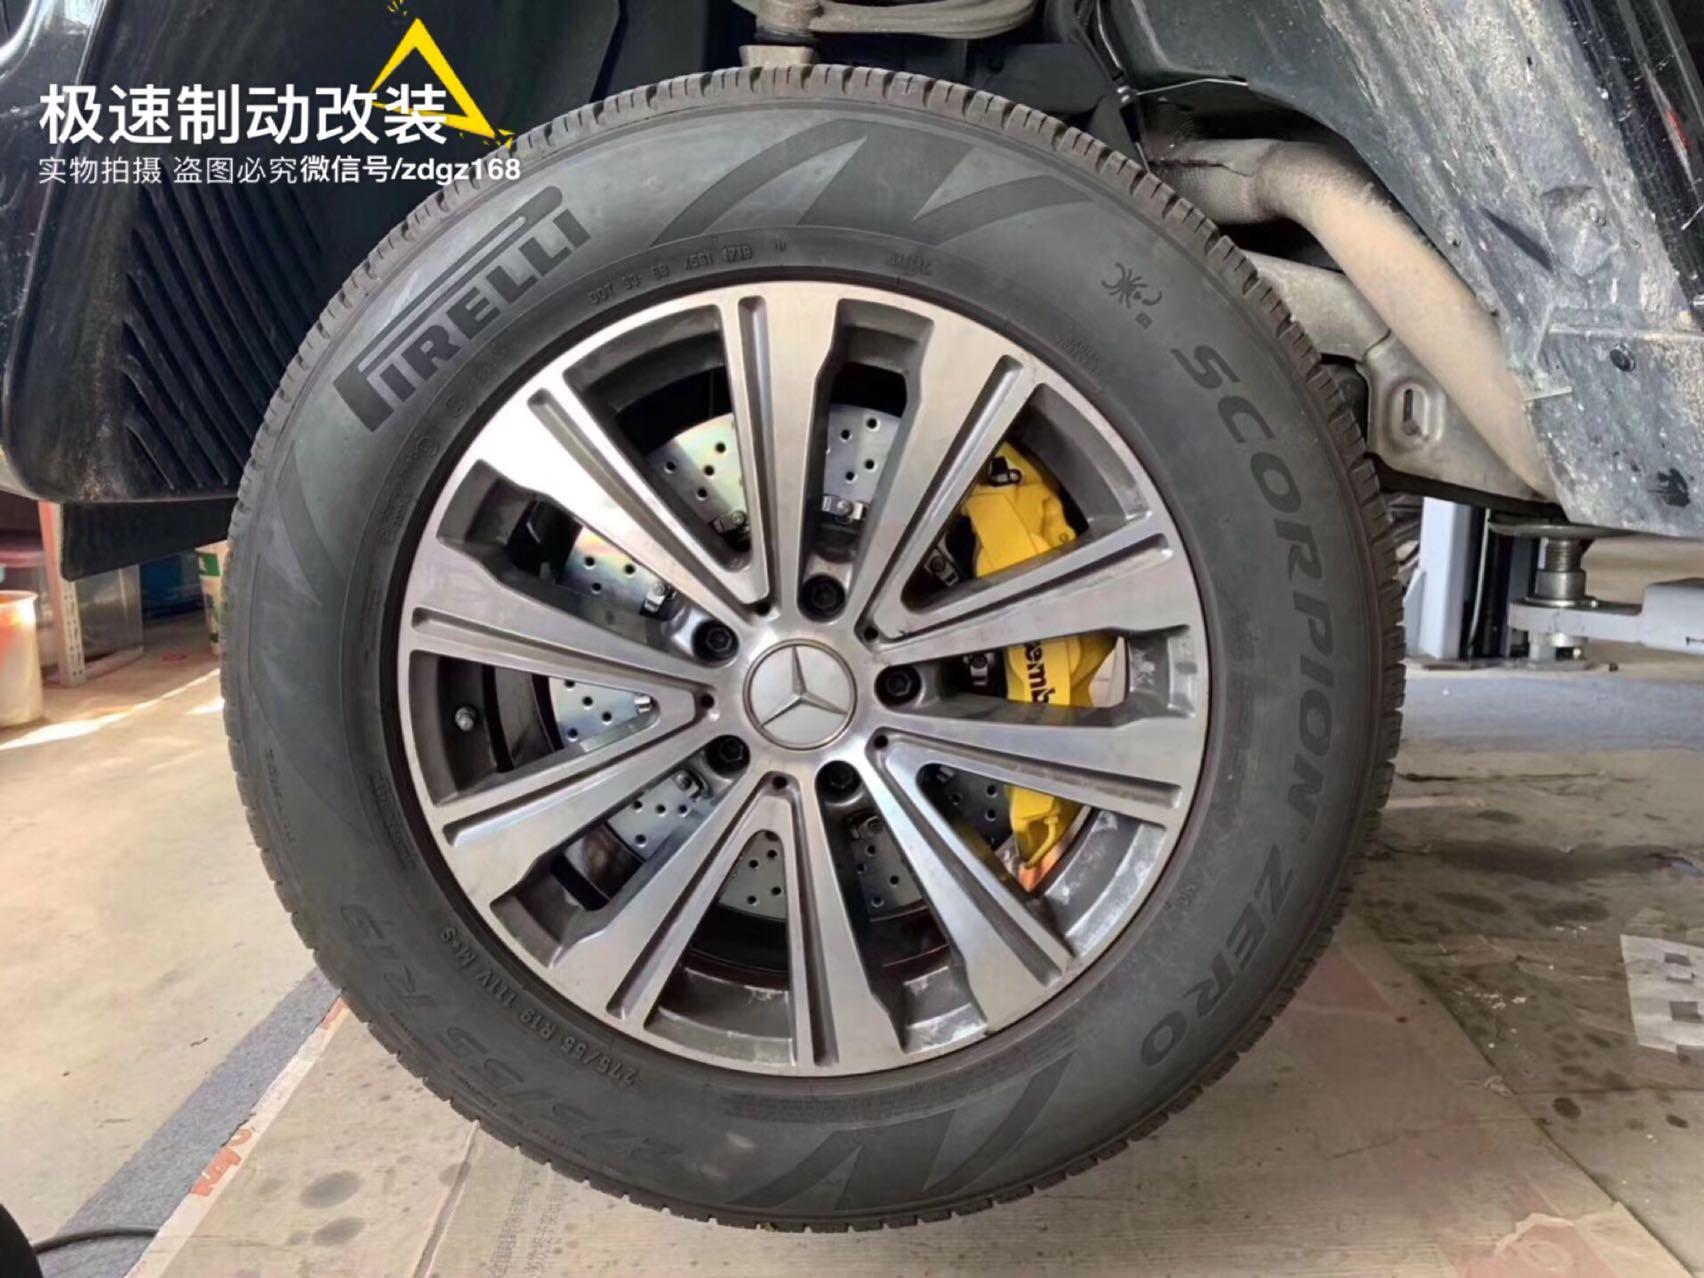 新款奔驰G500刹车改装Brembo GT前六后四 + 电子手刹卡钳原装19寸安装 方案成熟稳定